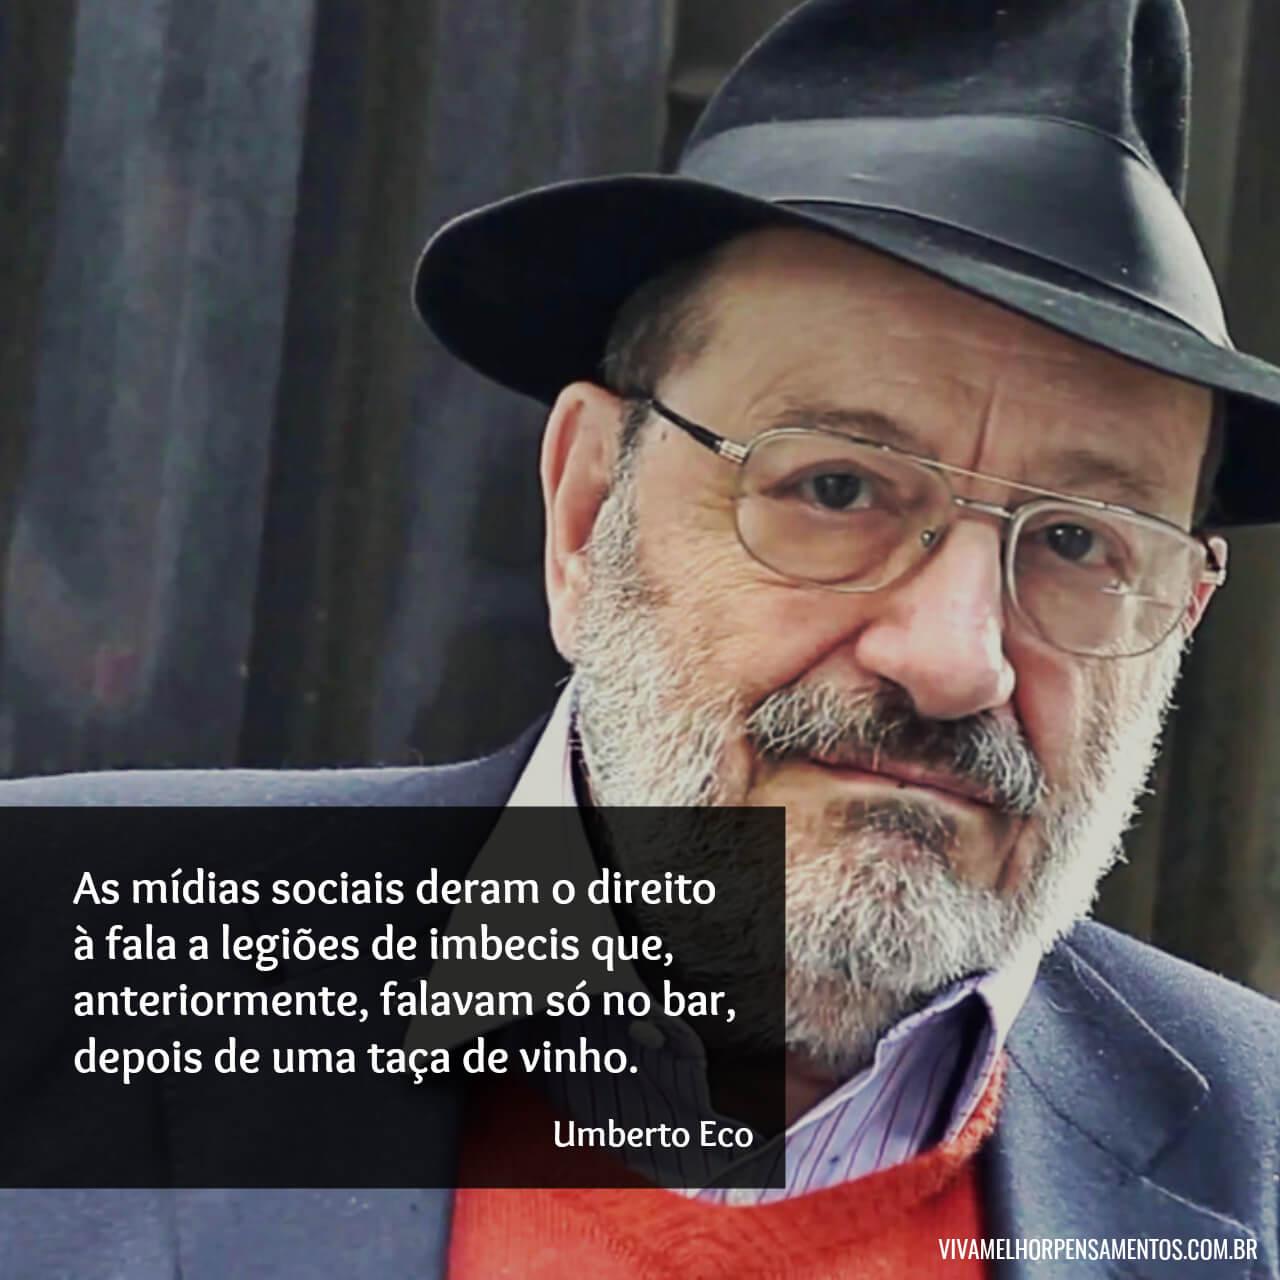 Frase sobre mídias sociais de Umberto Eco